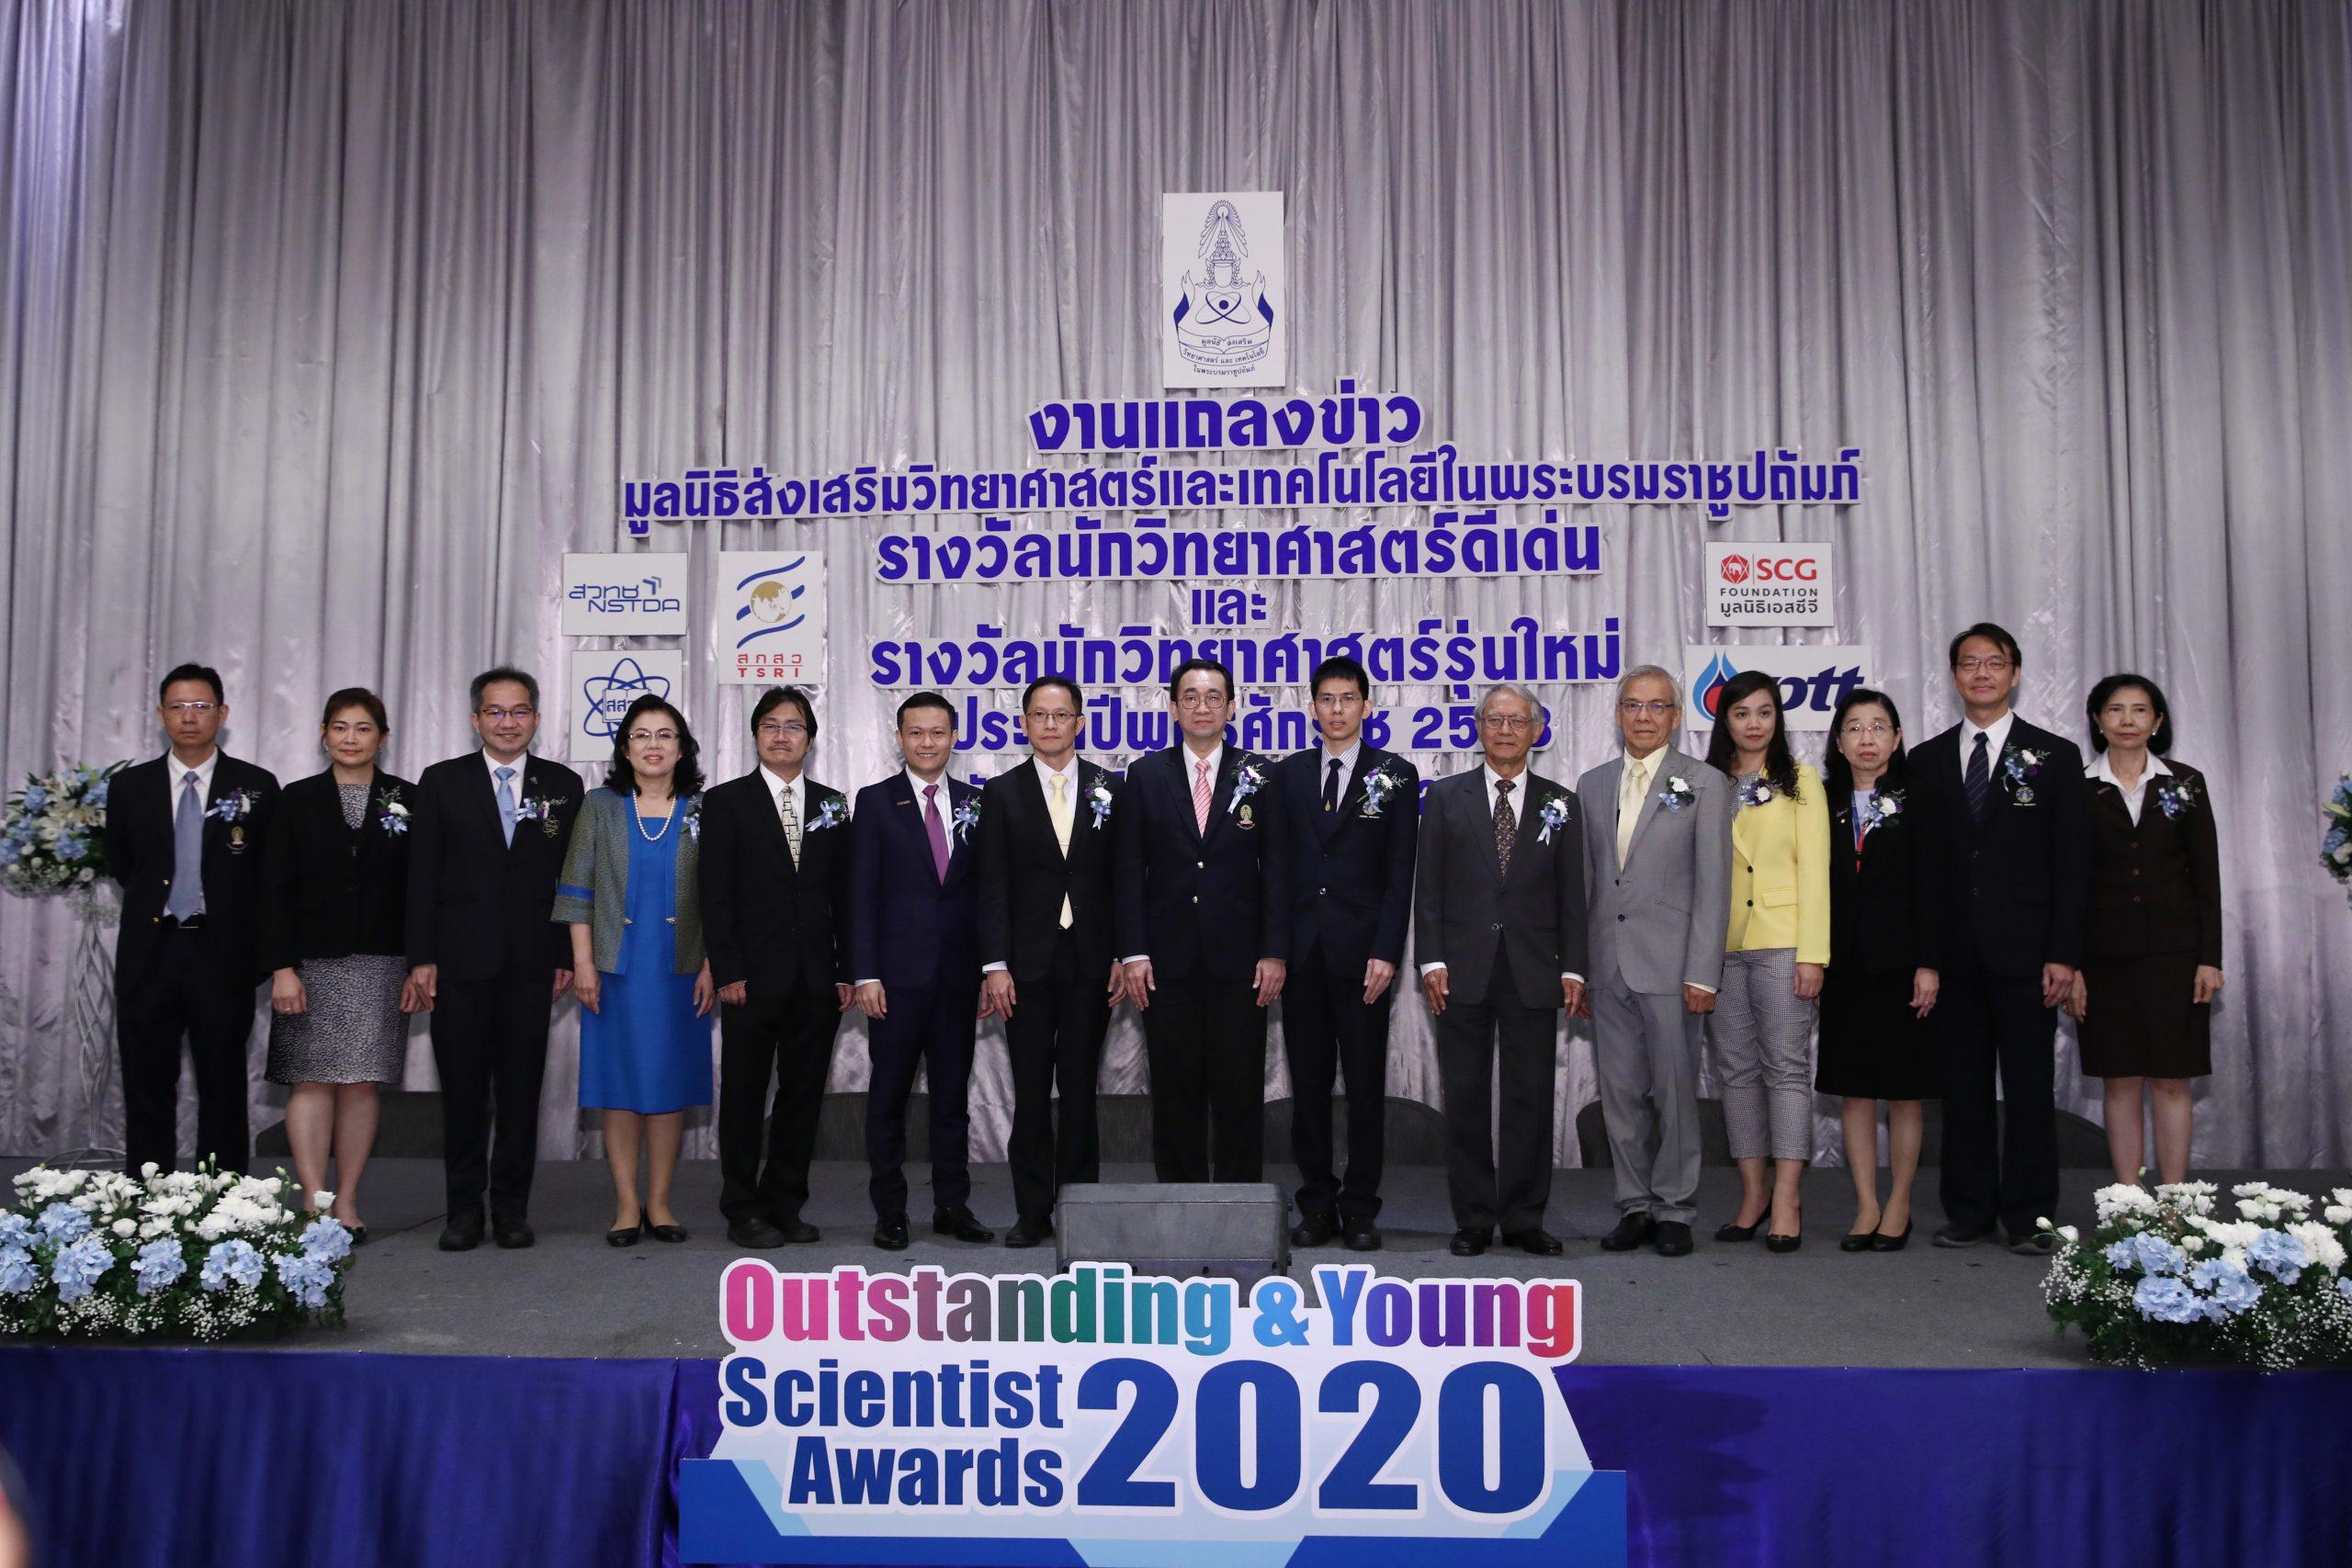 นักวิจัยจากสถาบันวิทยสิริเมธี (VISTEC) คว้ารางวัลนักวิทยาศาสตร์รุ่นใหม่ ประจำปี 2563